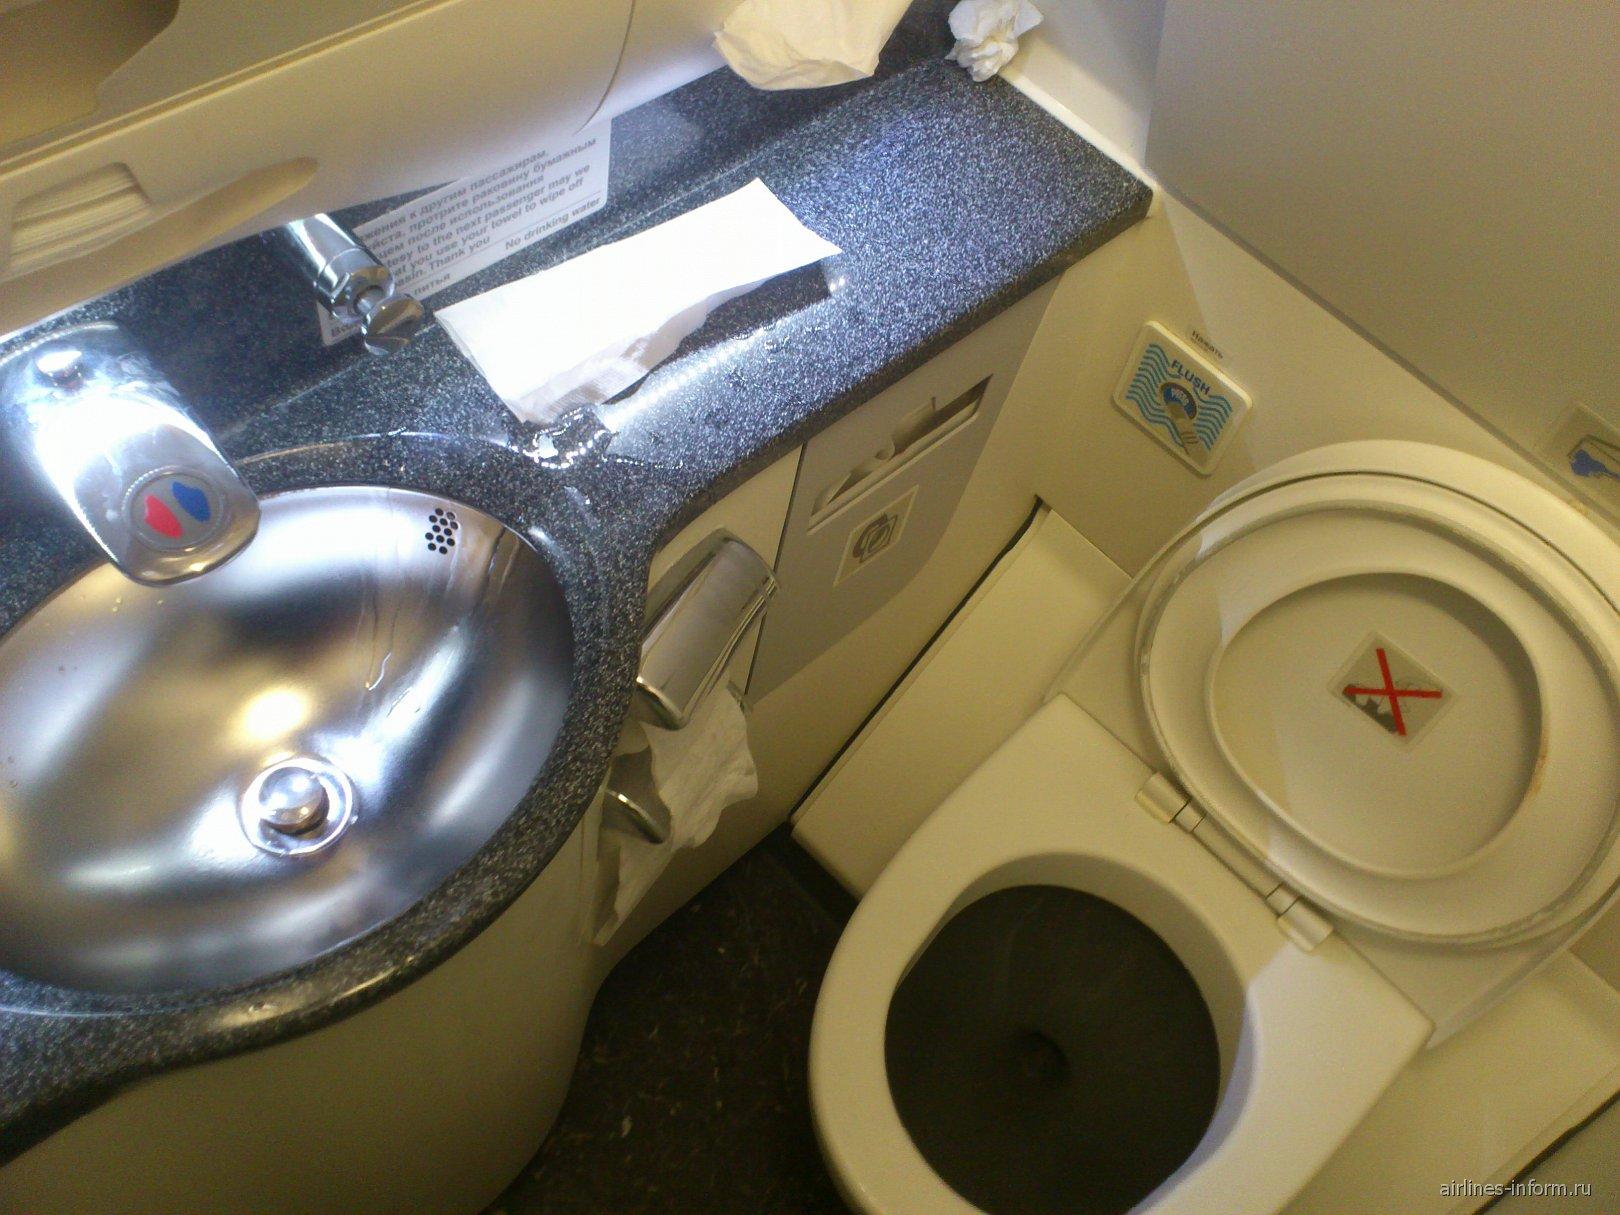 Туалет в самолете Aibus A330-300 Аэрофлота